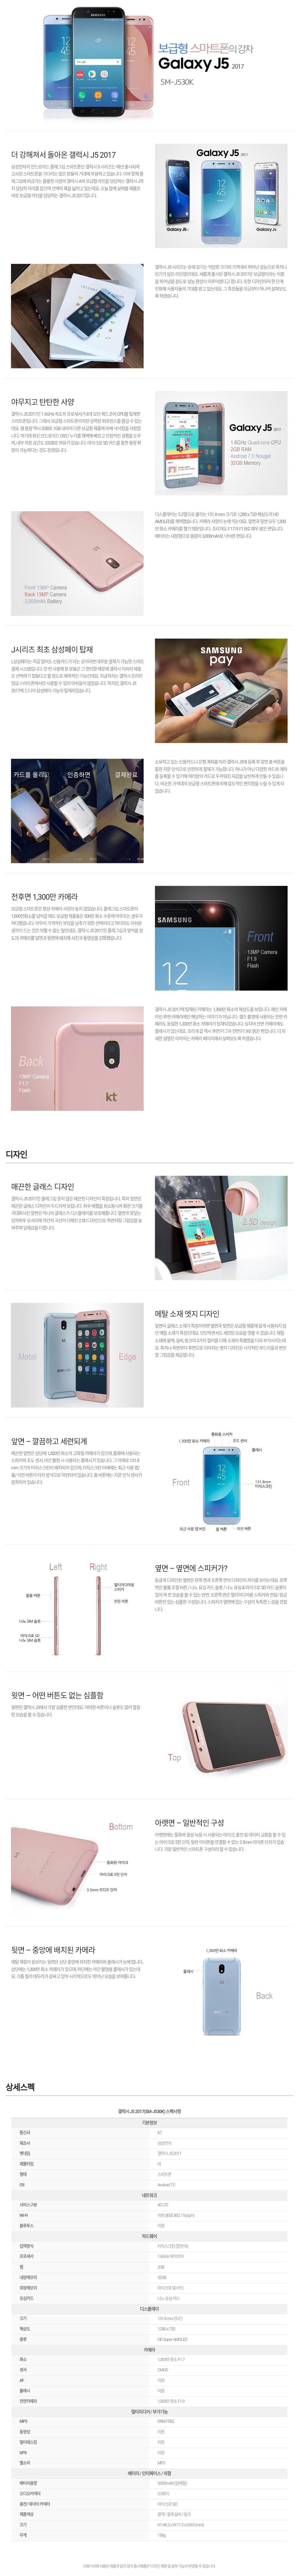 http://www.kt-mobile.com/bs/se2/imgup/1523119970j530_00.jpg